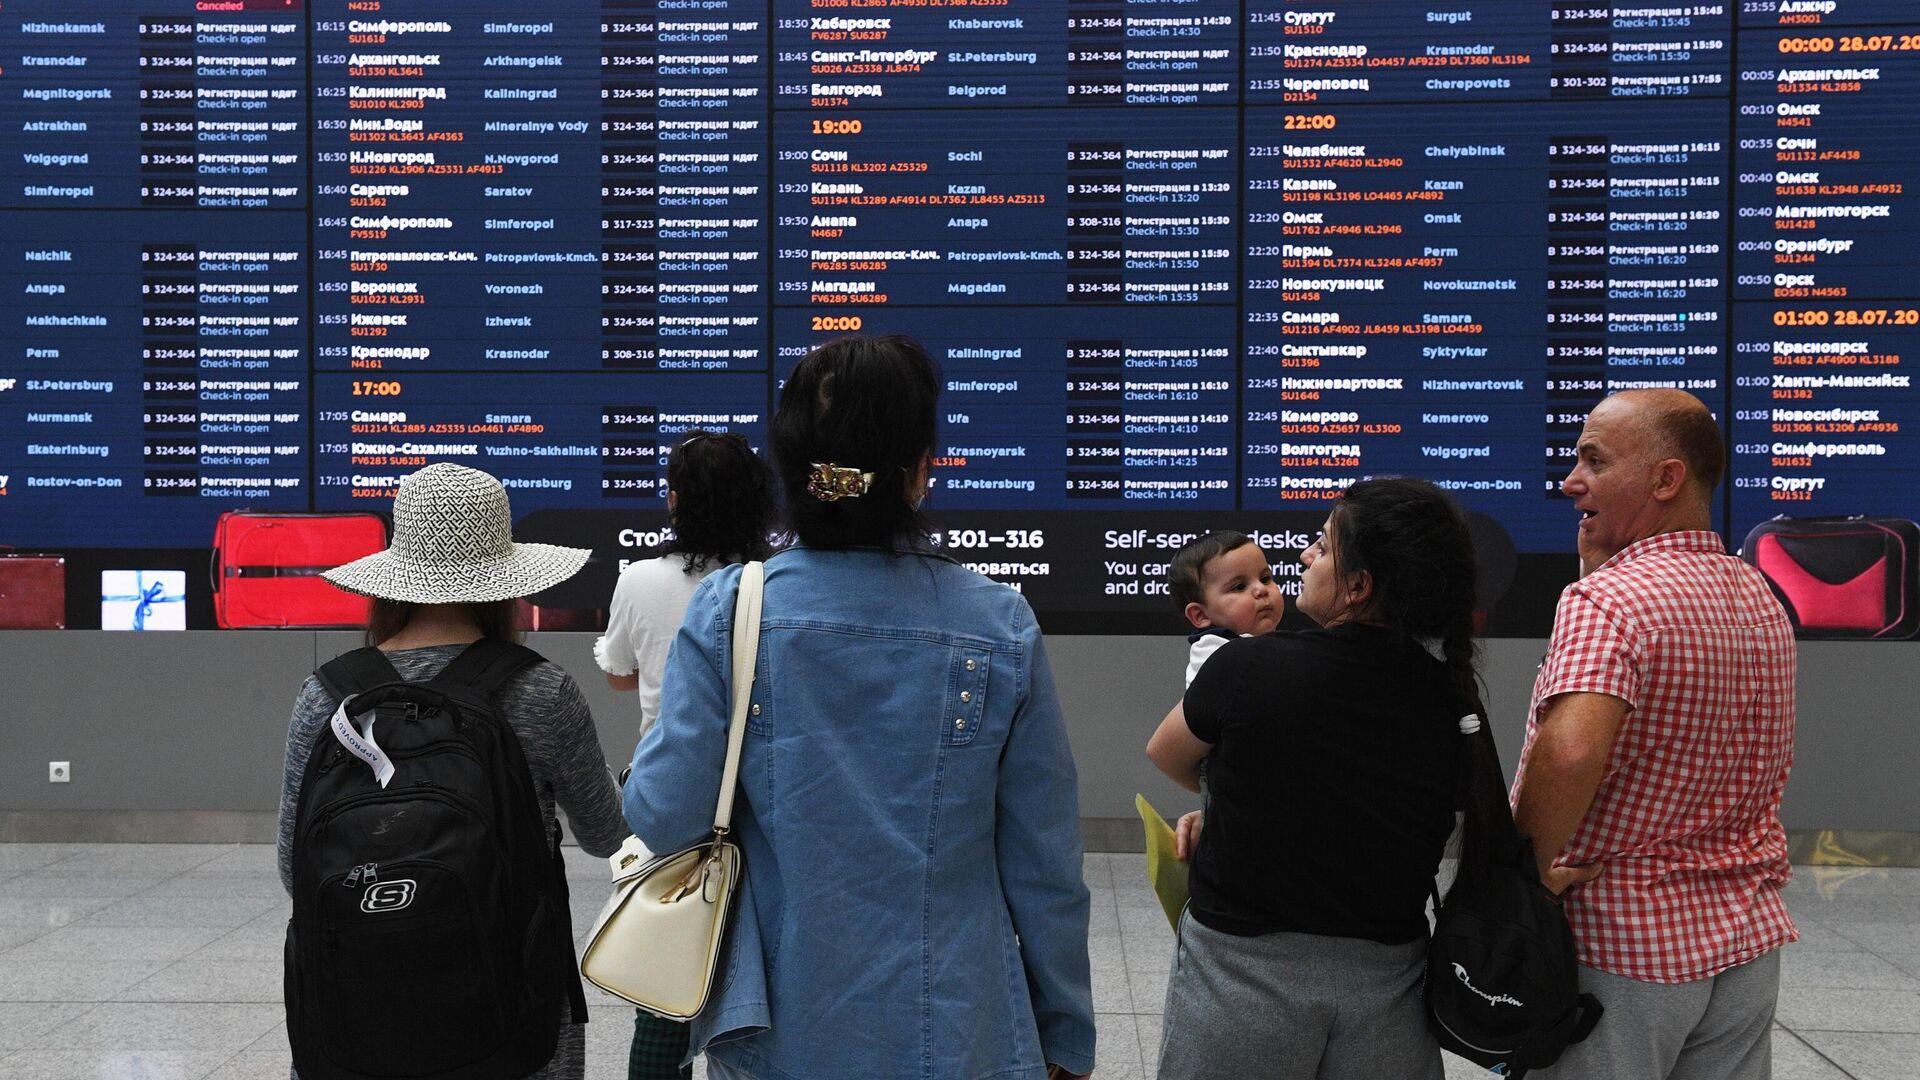 Пассажиры у электронного табло в терминале B аэропорта Шереметьево - РИА Новости, 1920, 13.09.2021